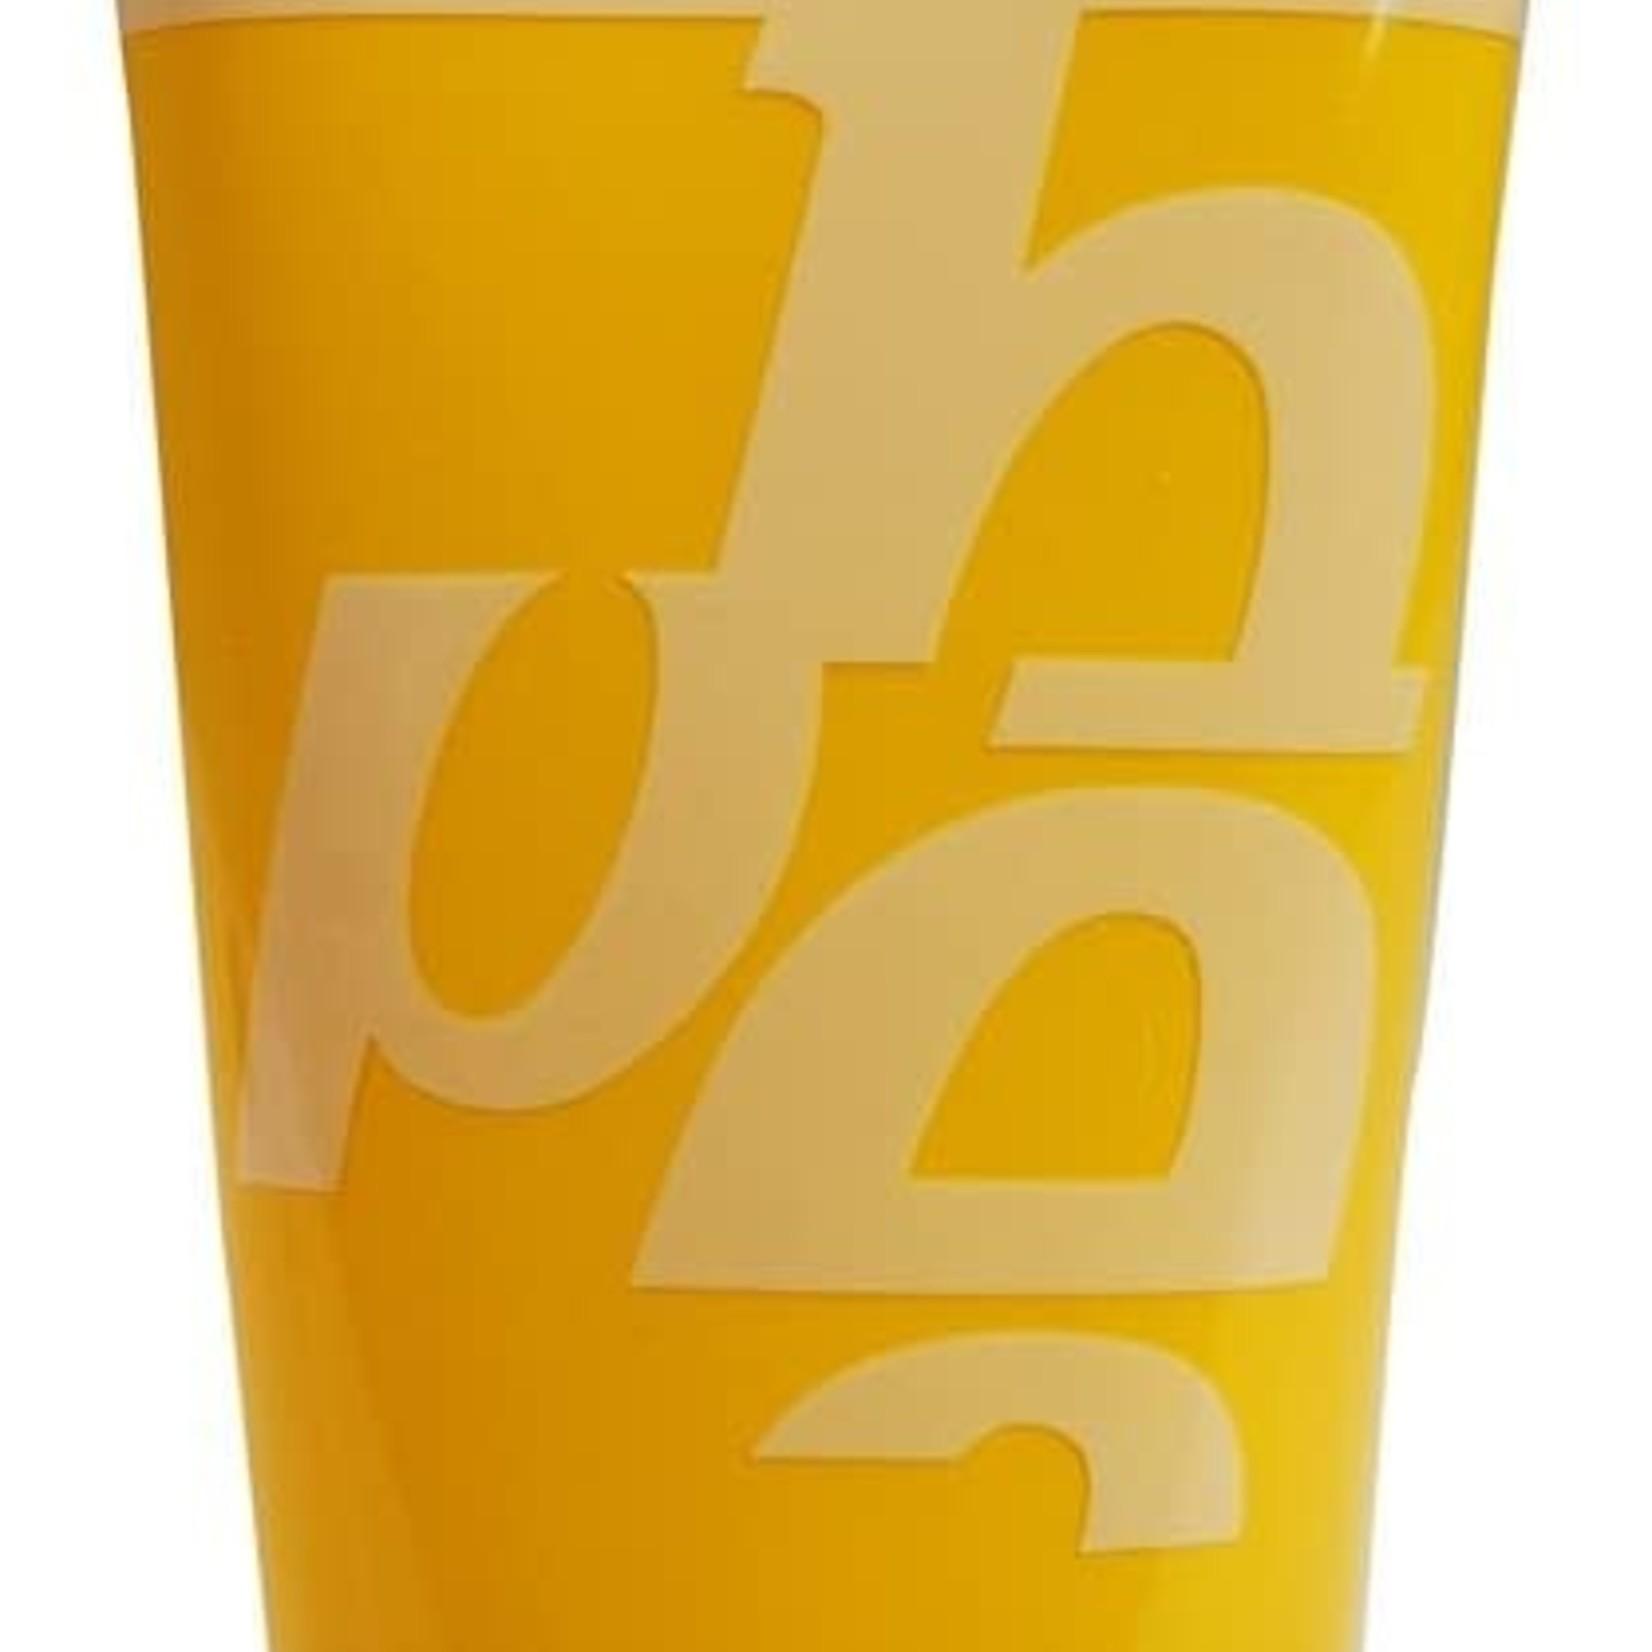 Pebeo Acrylic Cadmium Yellow Medium Opaque